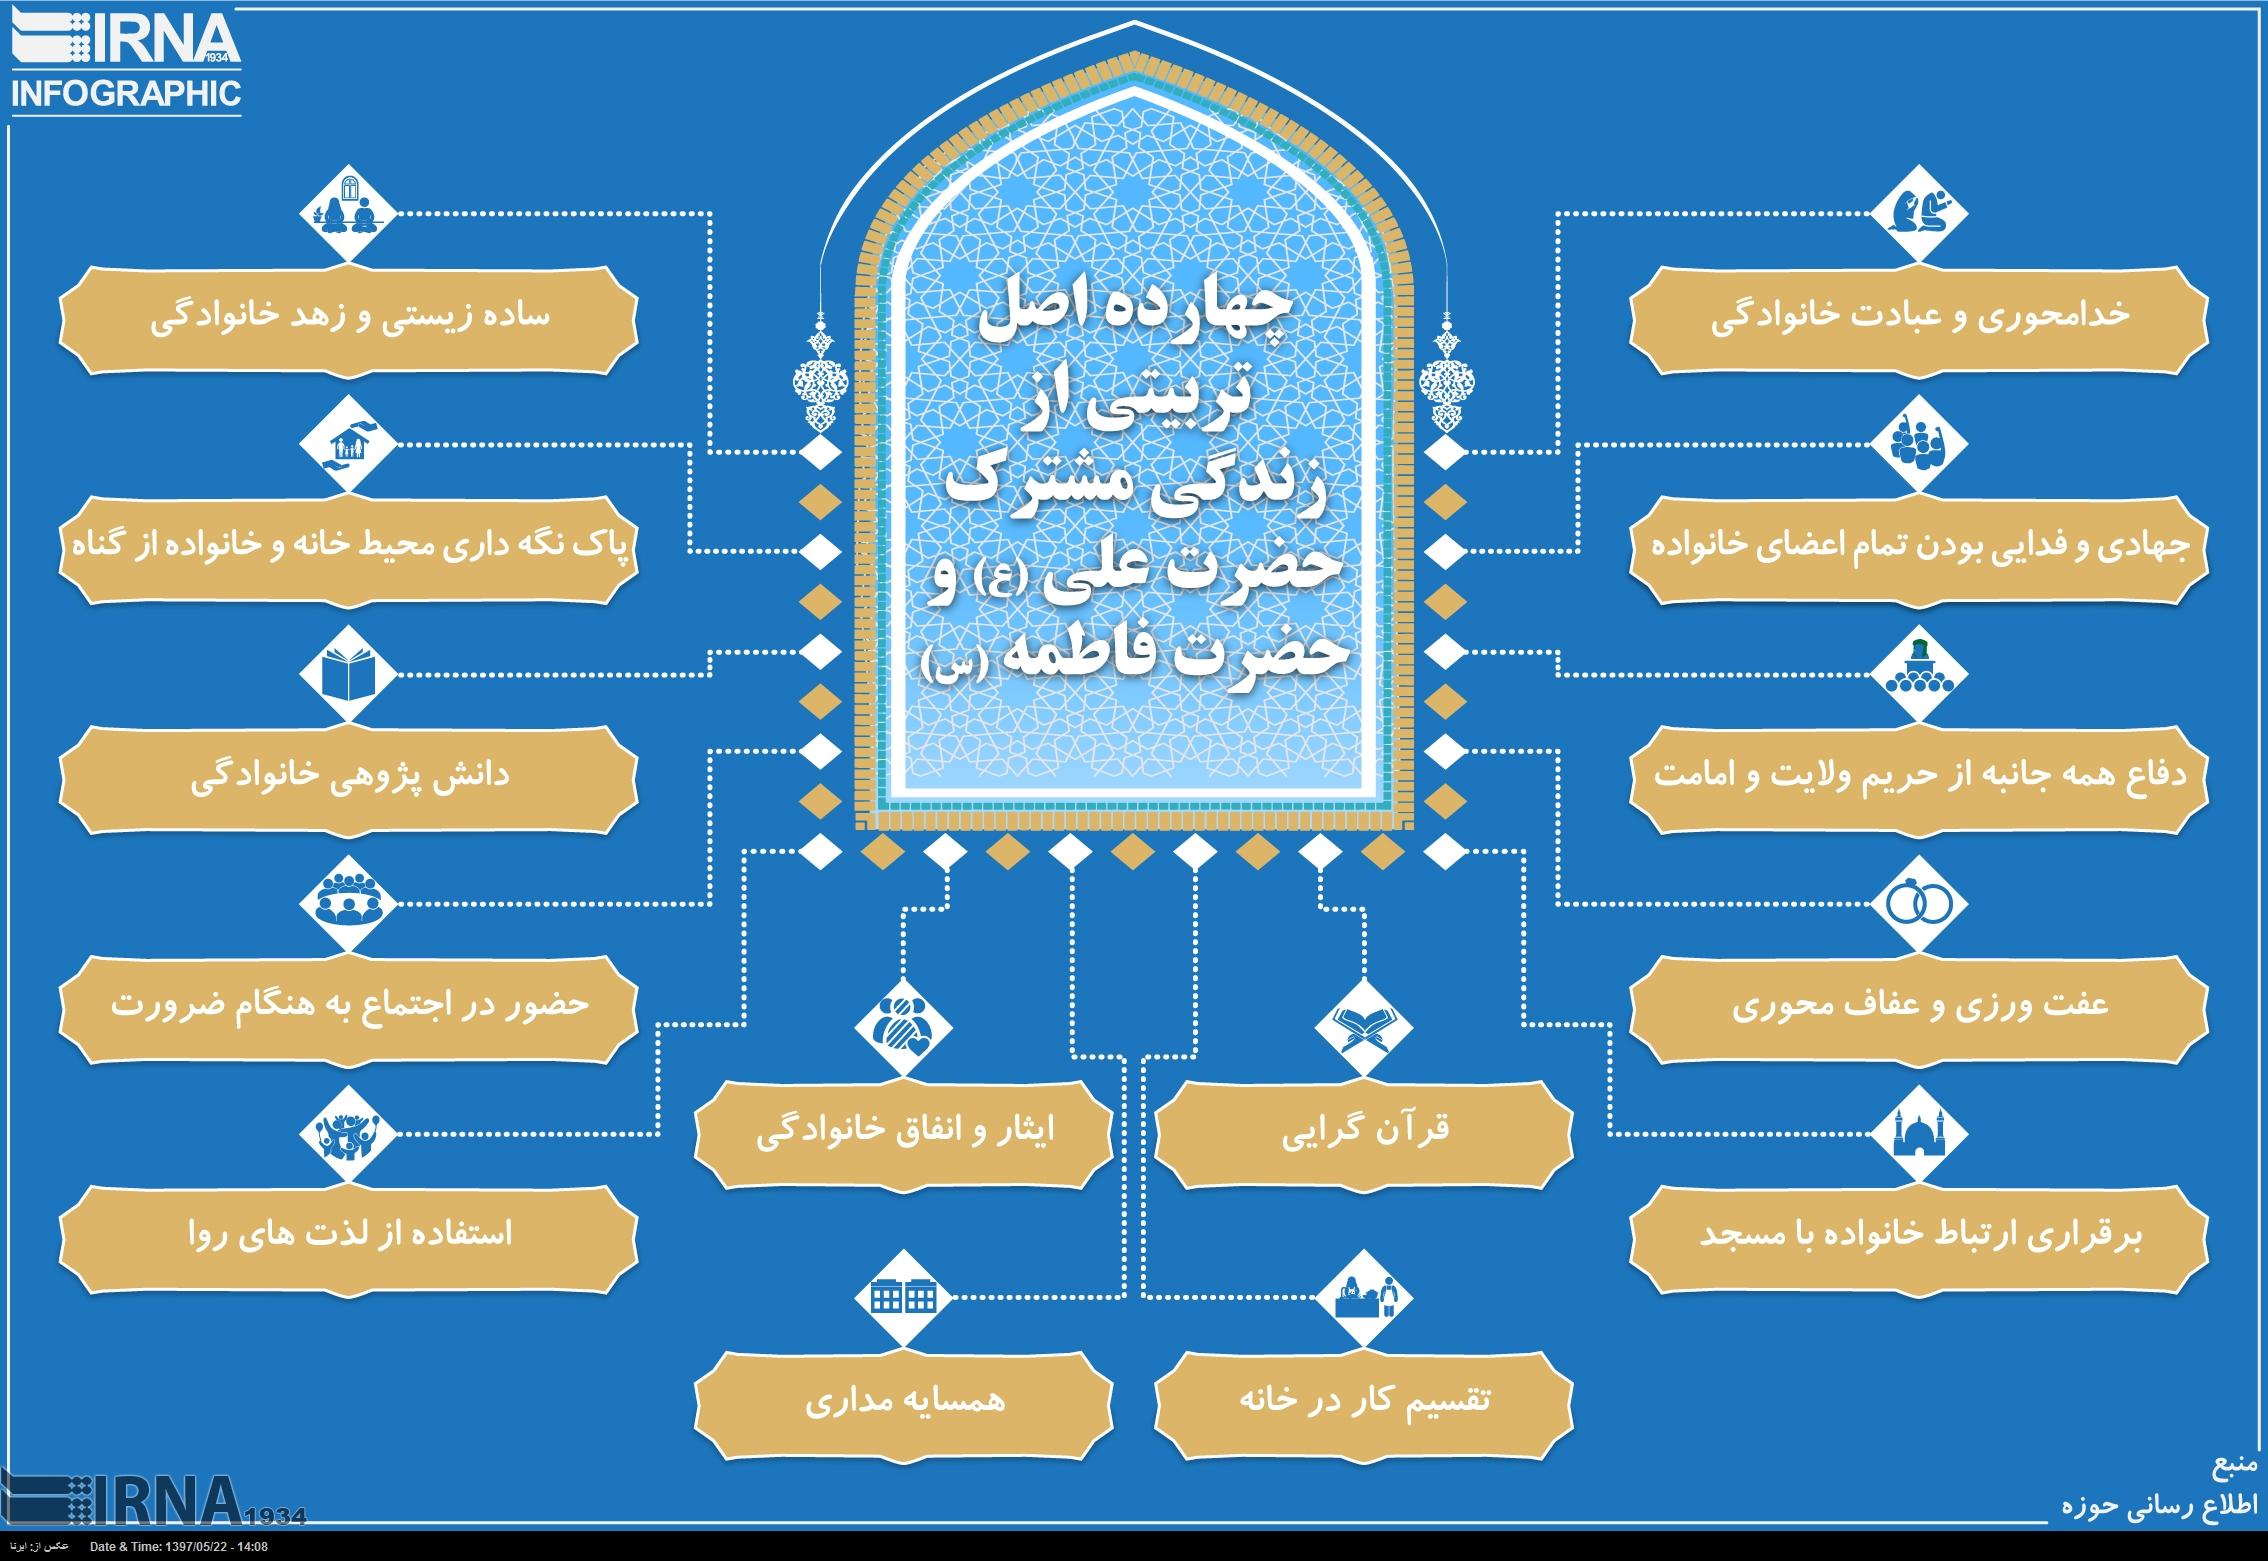 اصول تربیتی از زندگی مشترک حضرت علی(ع) و فاطمه زهرا(س)